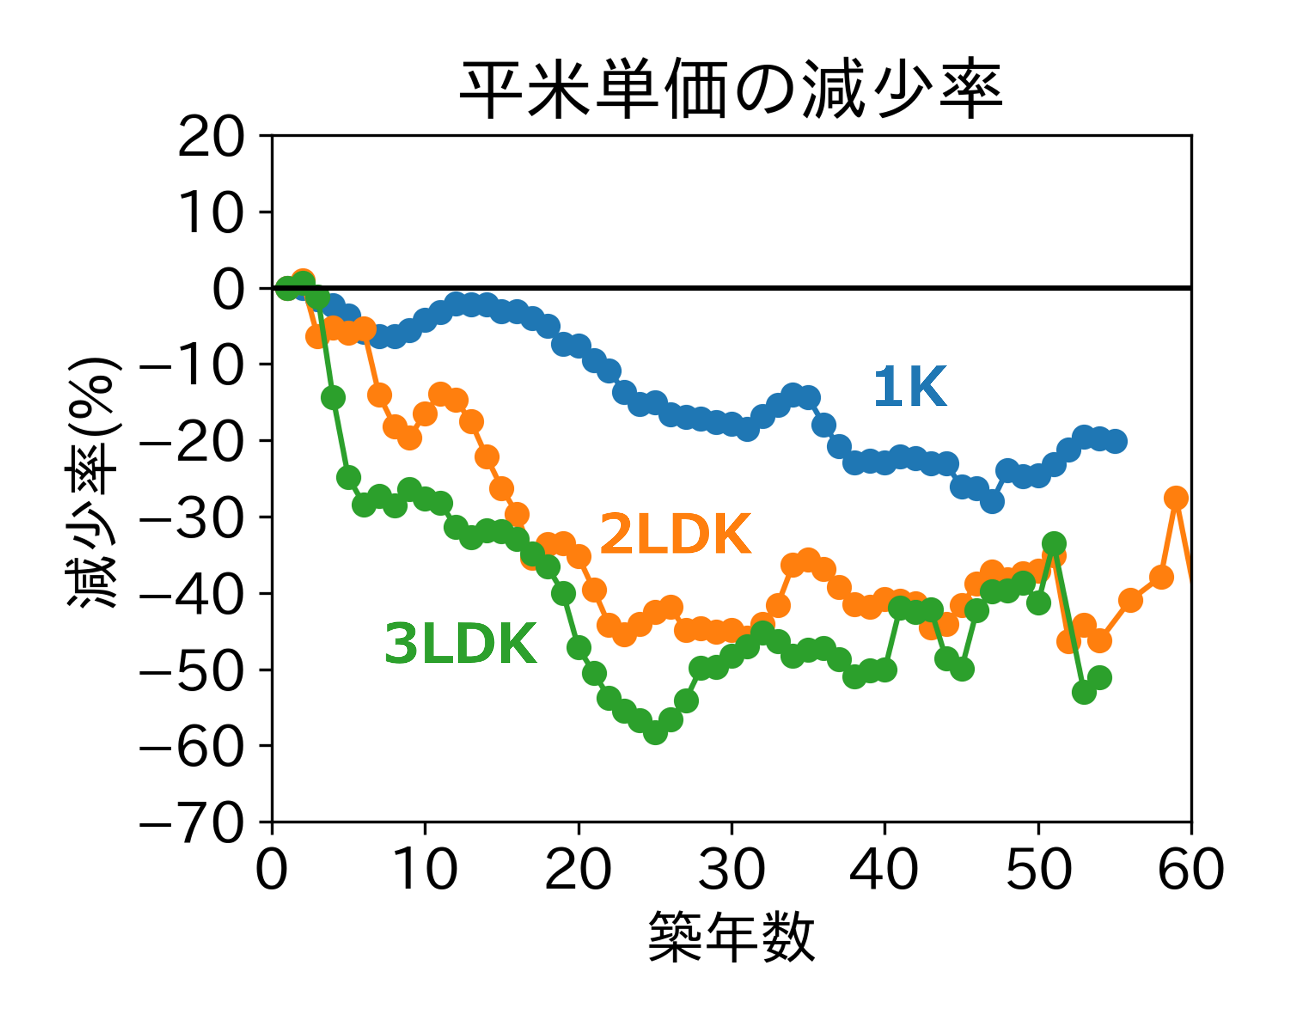 1Kに対して2LDK・3LDK物件の賃料は急激に減少する